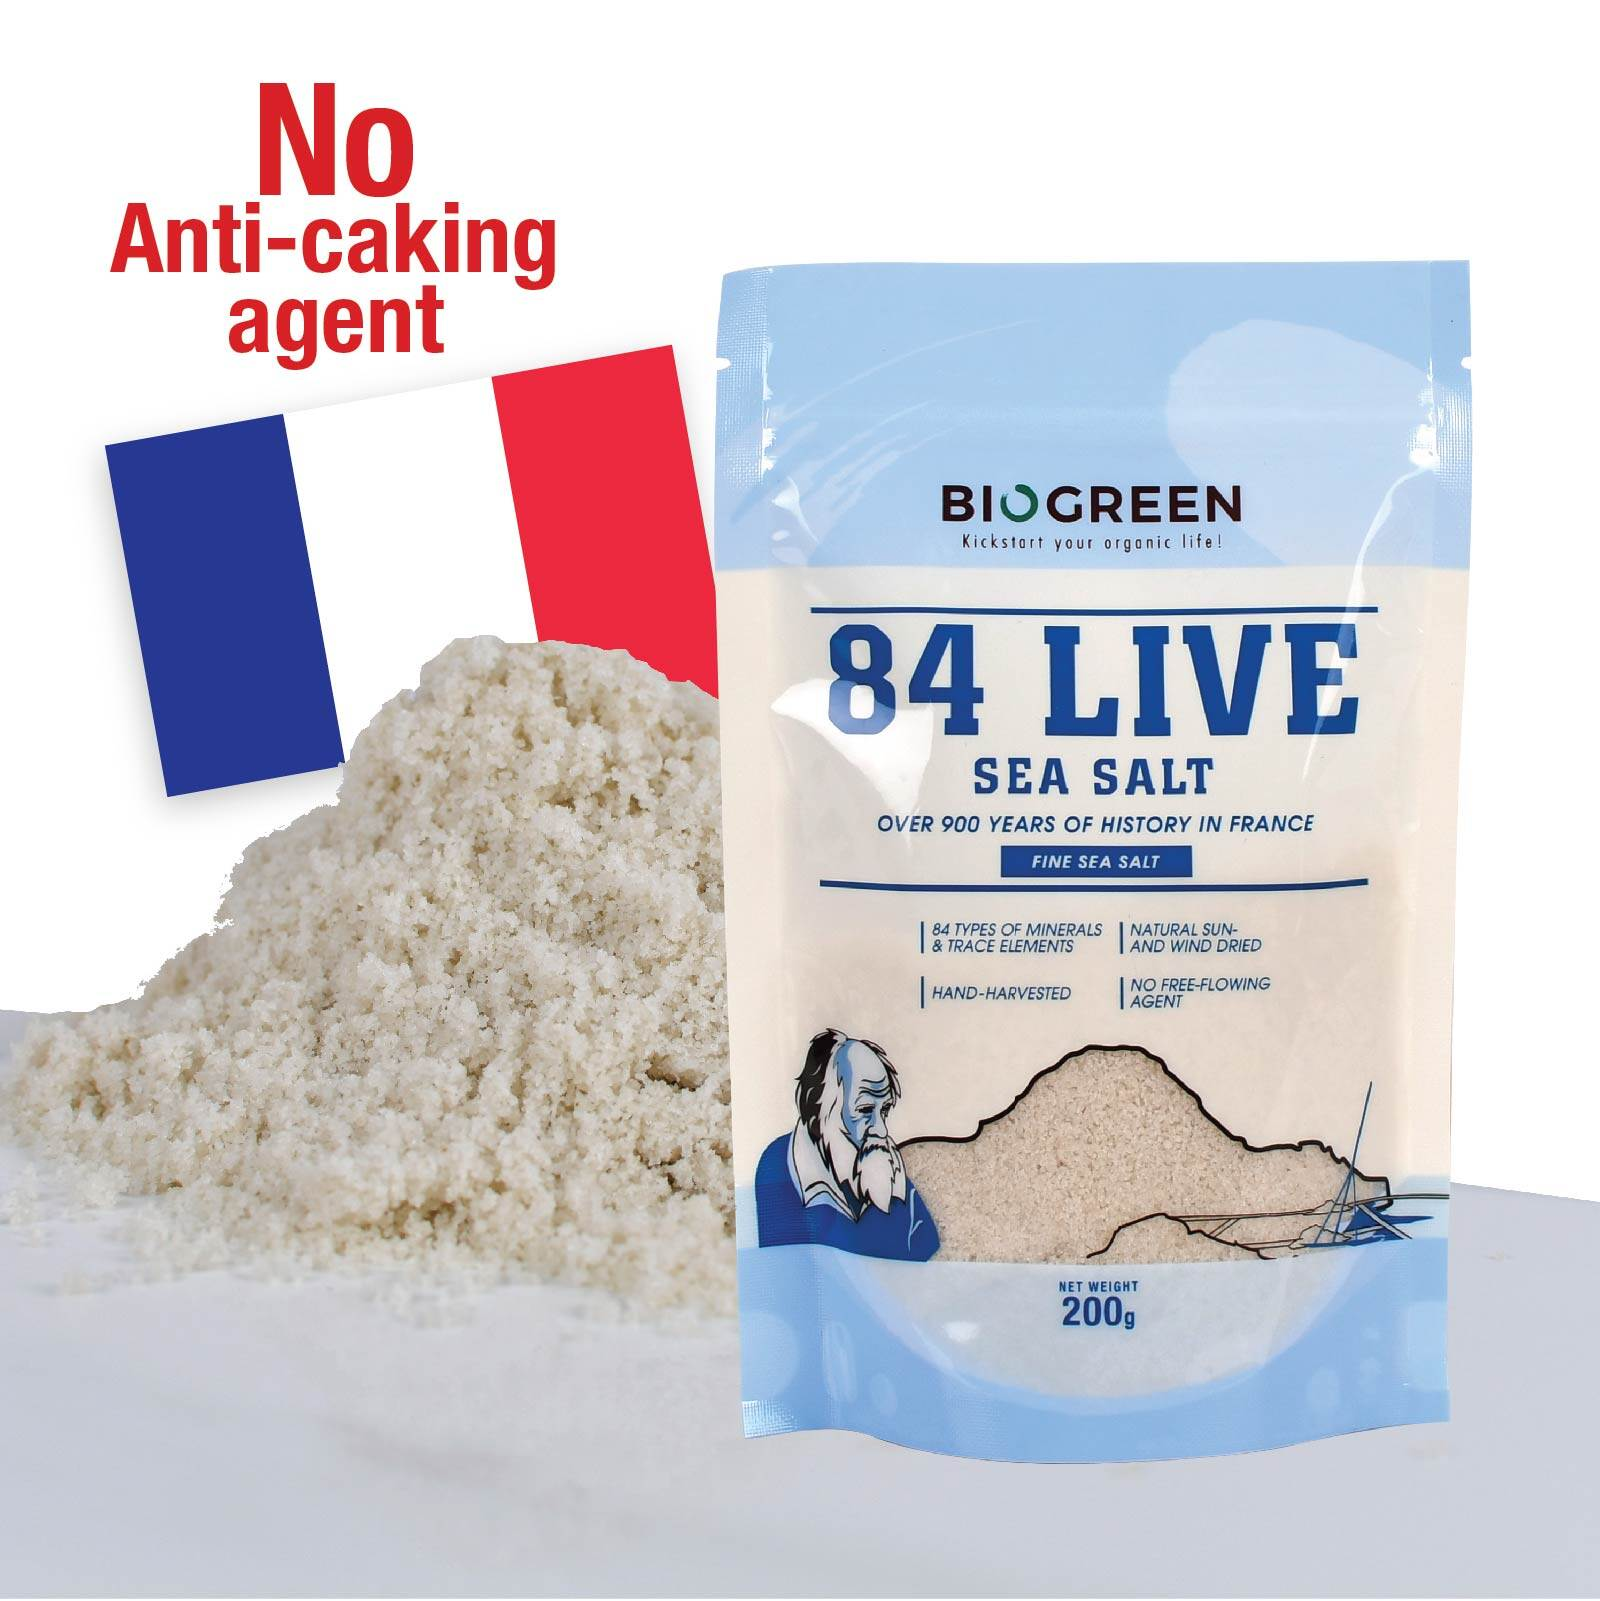 84 Live Sea Salt (Fine) 200g (HALAL)